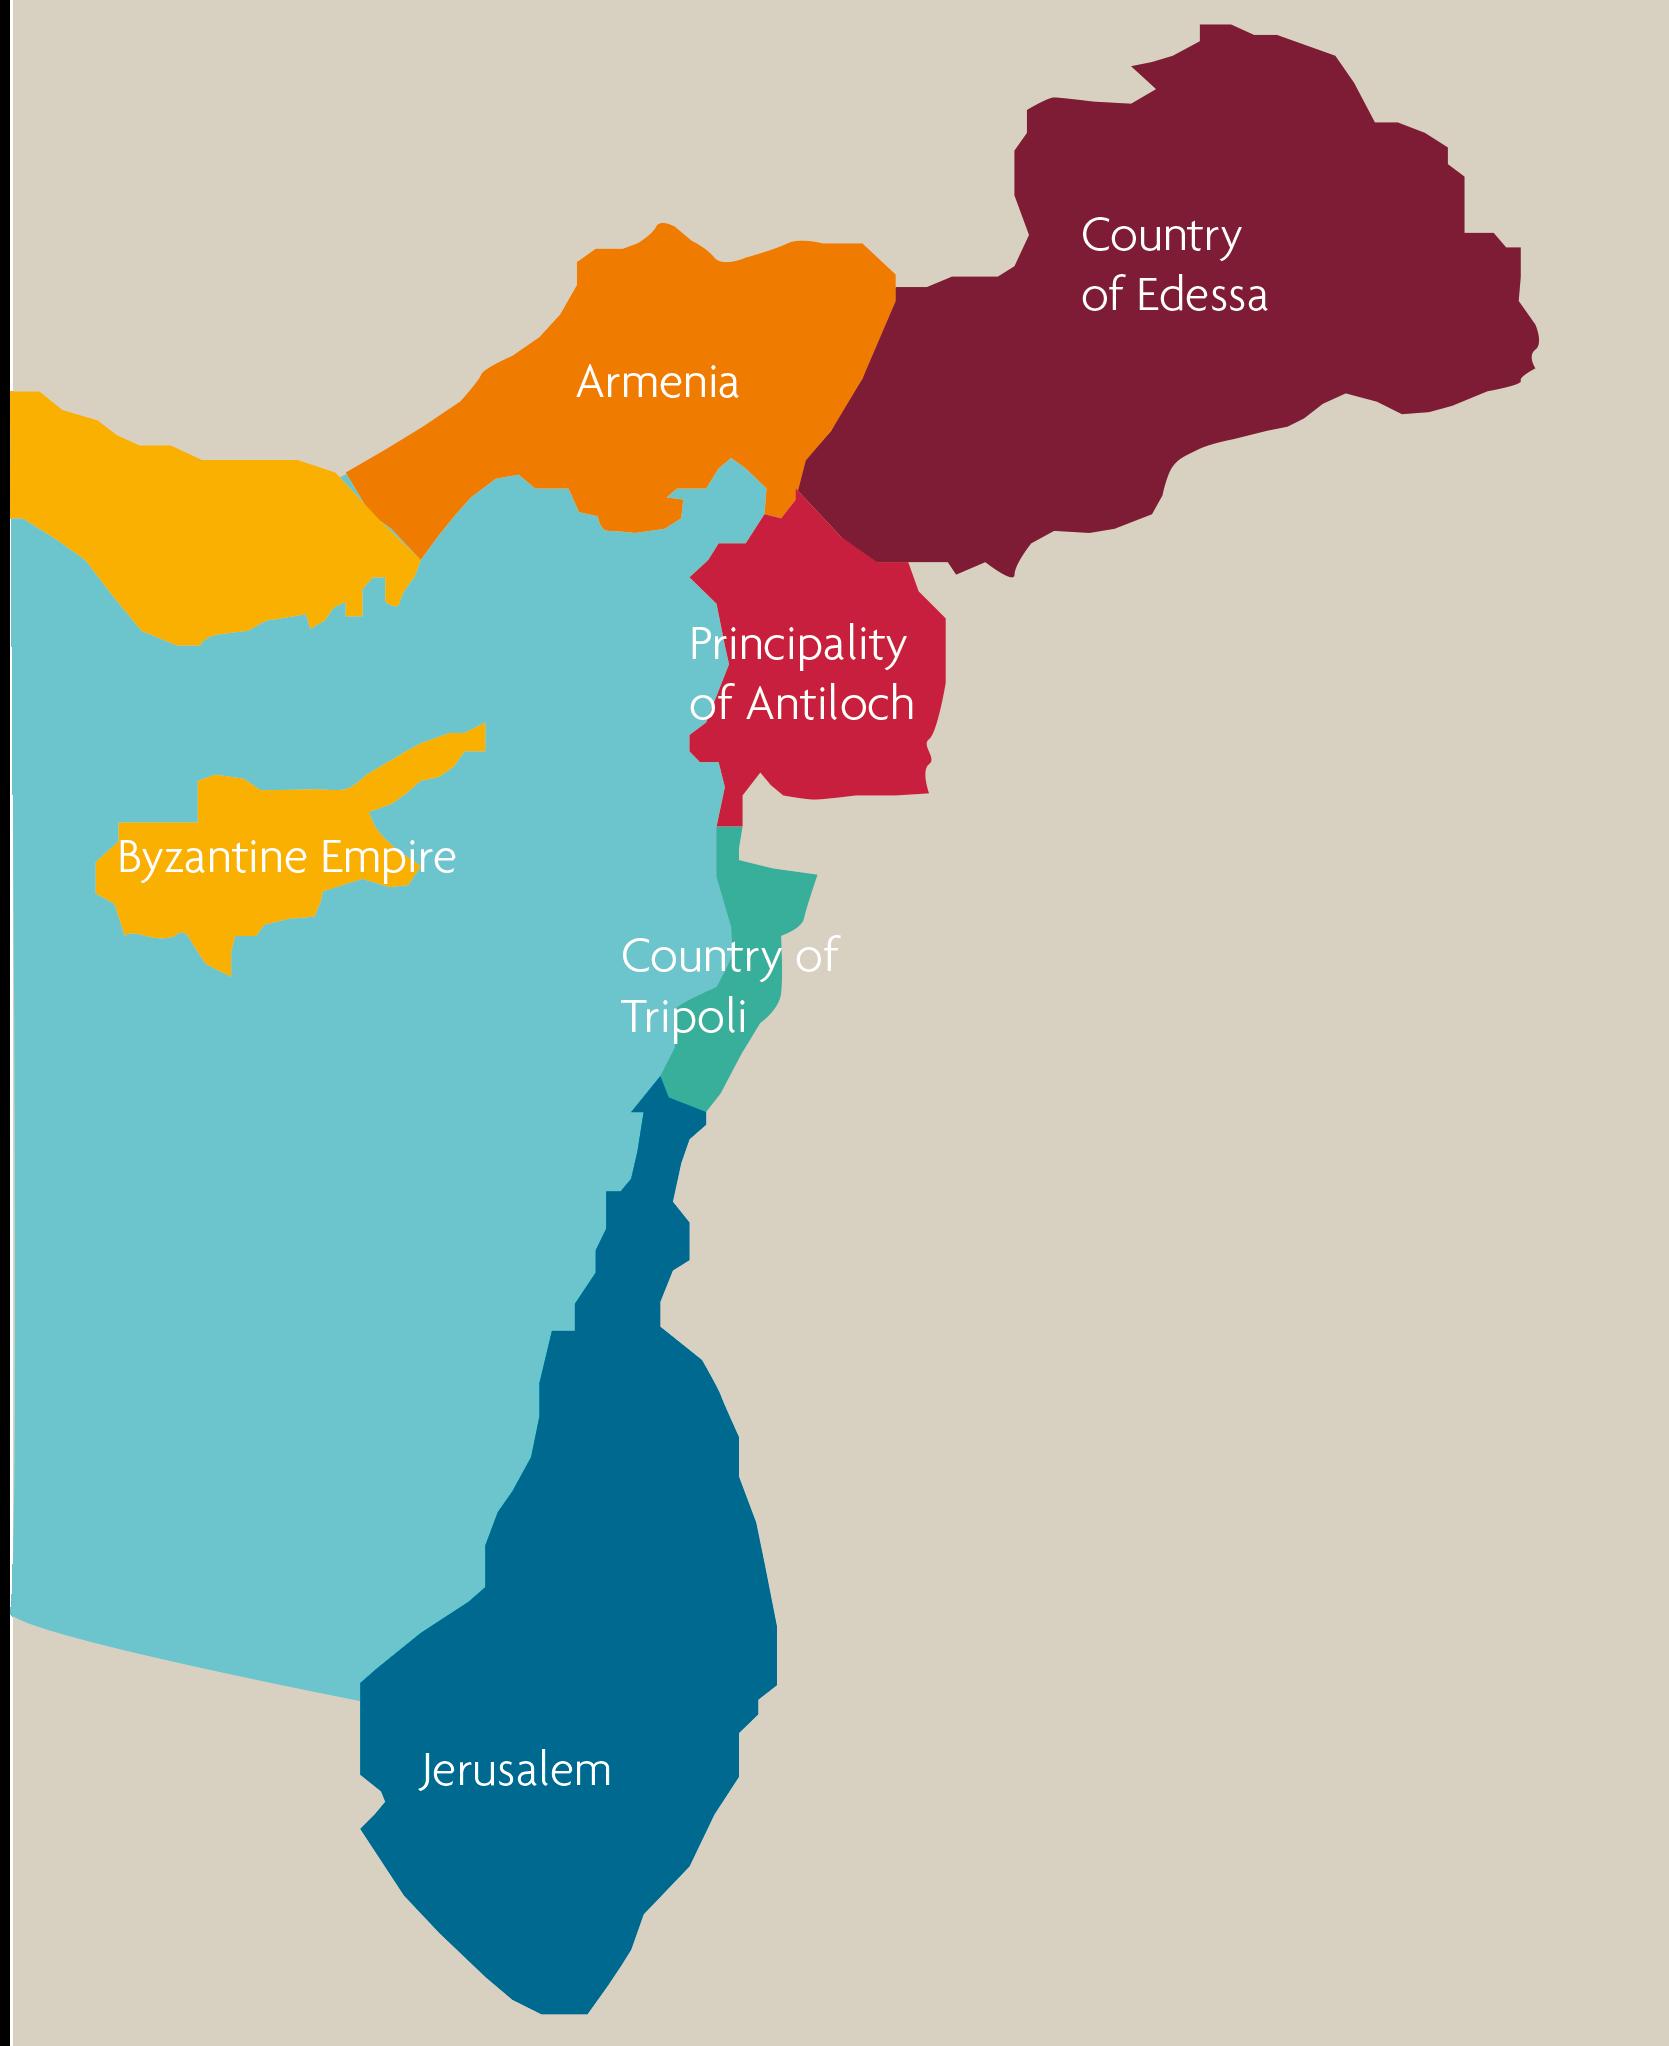 Kart over korstogene